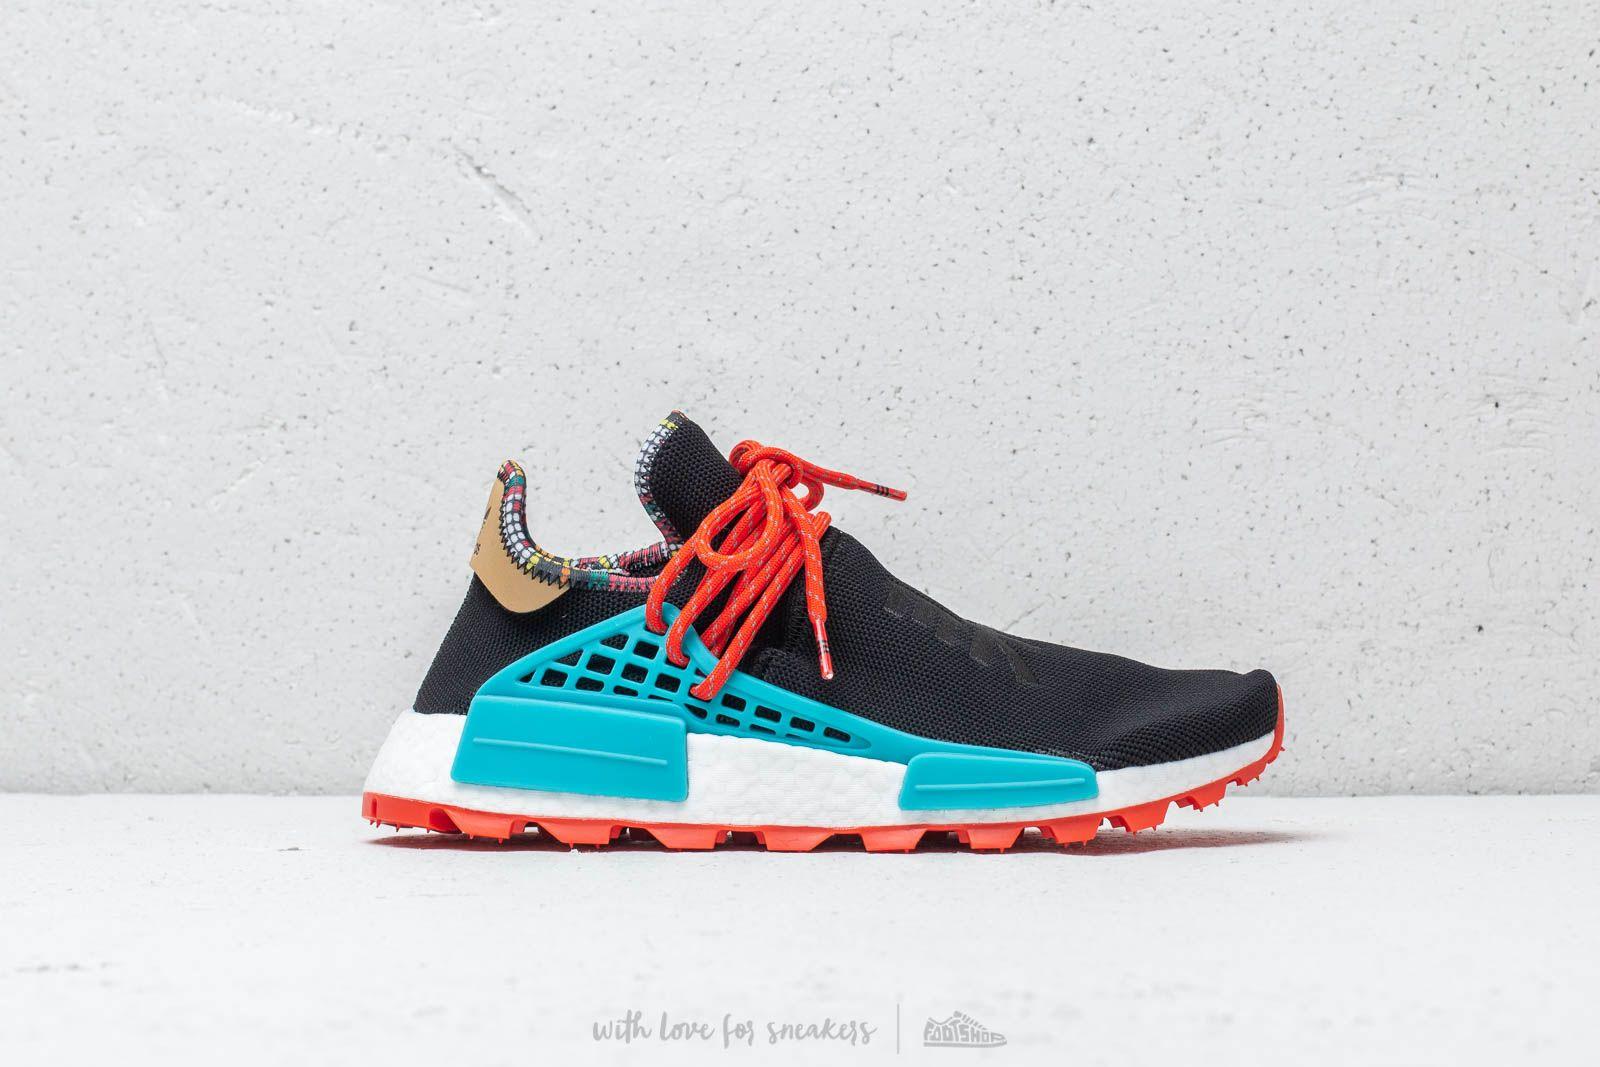 buy online 36835 ad4dd adidas x Pharrell Williams